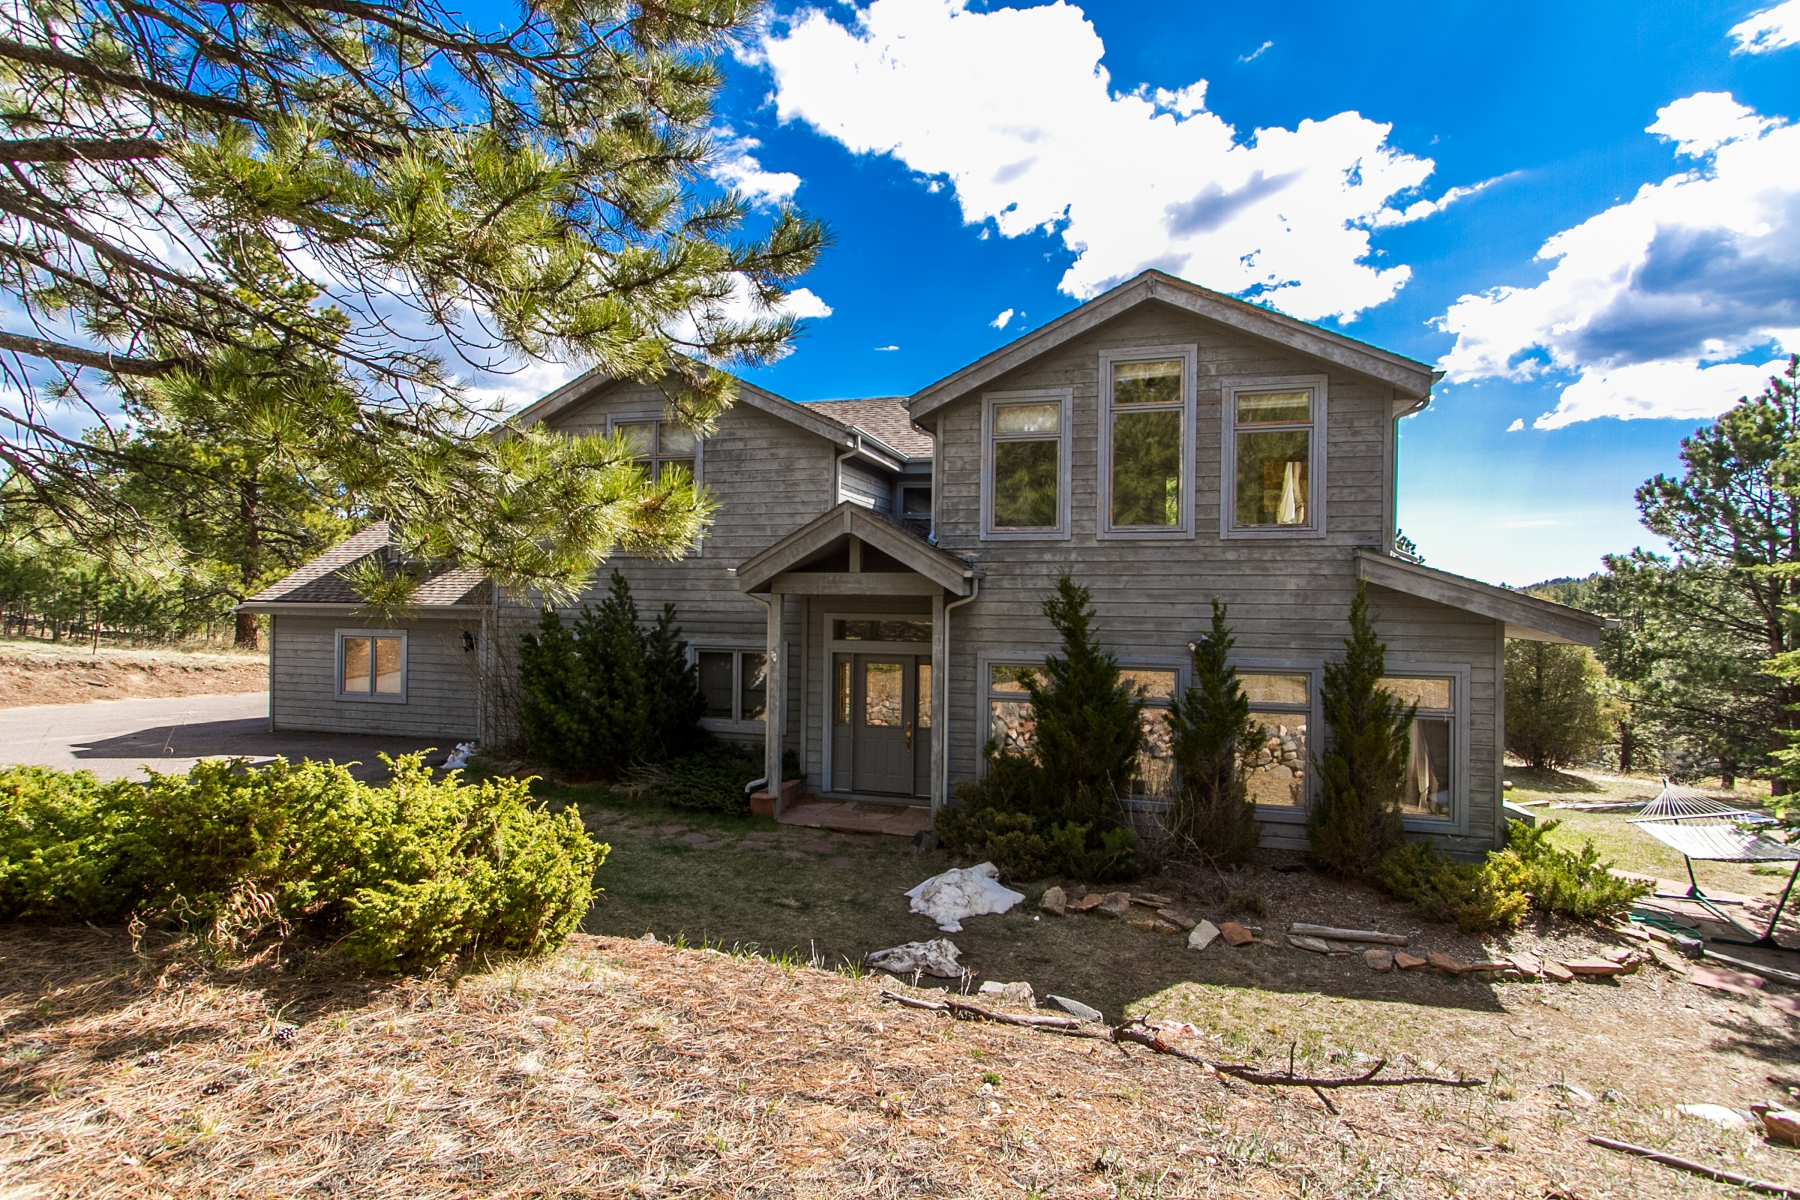 獨棟家庭住宅 為 出售 在 1388 Starwood Lane Evergreen, 科羅拉多州 80439 美國